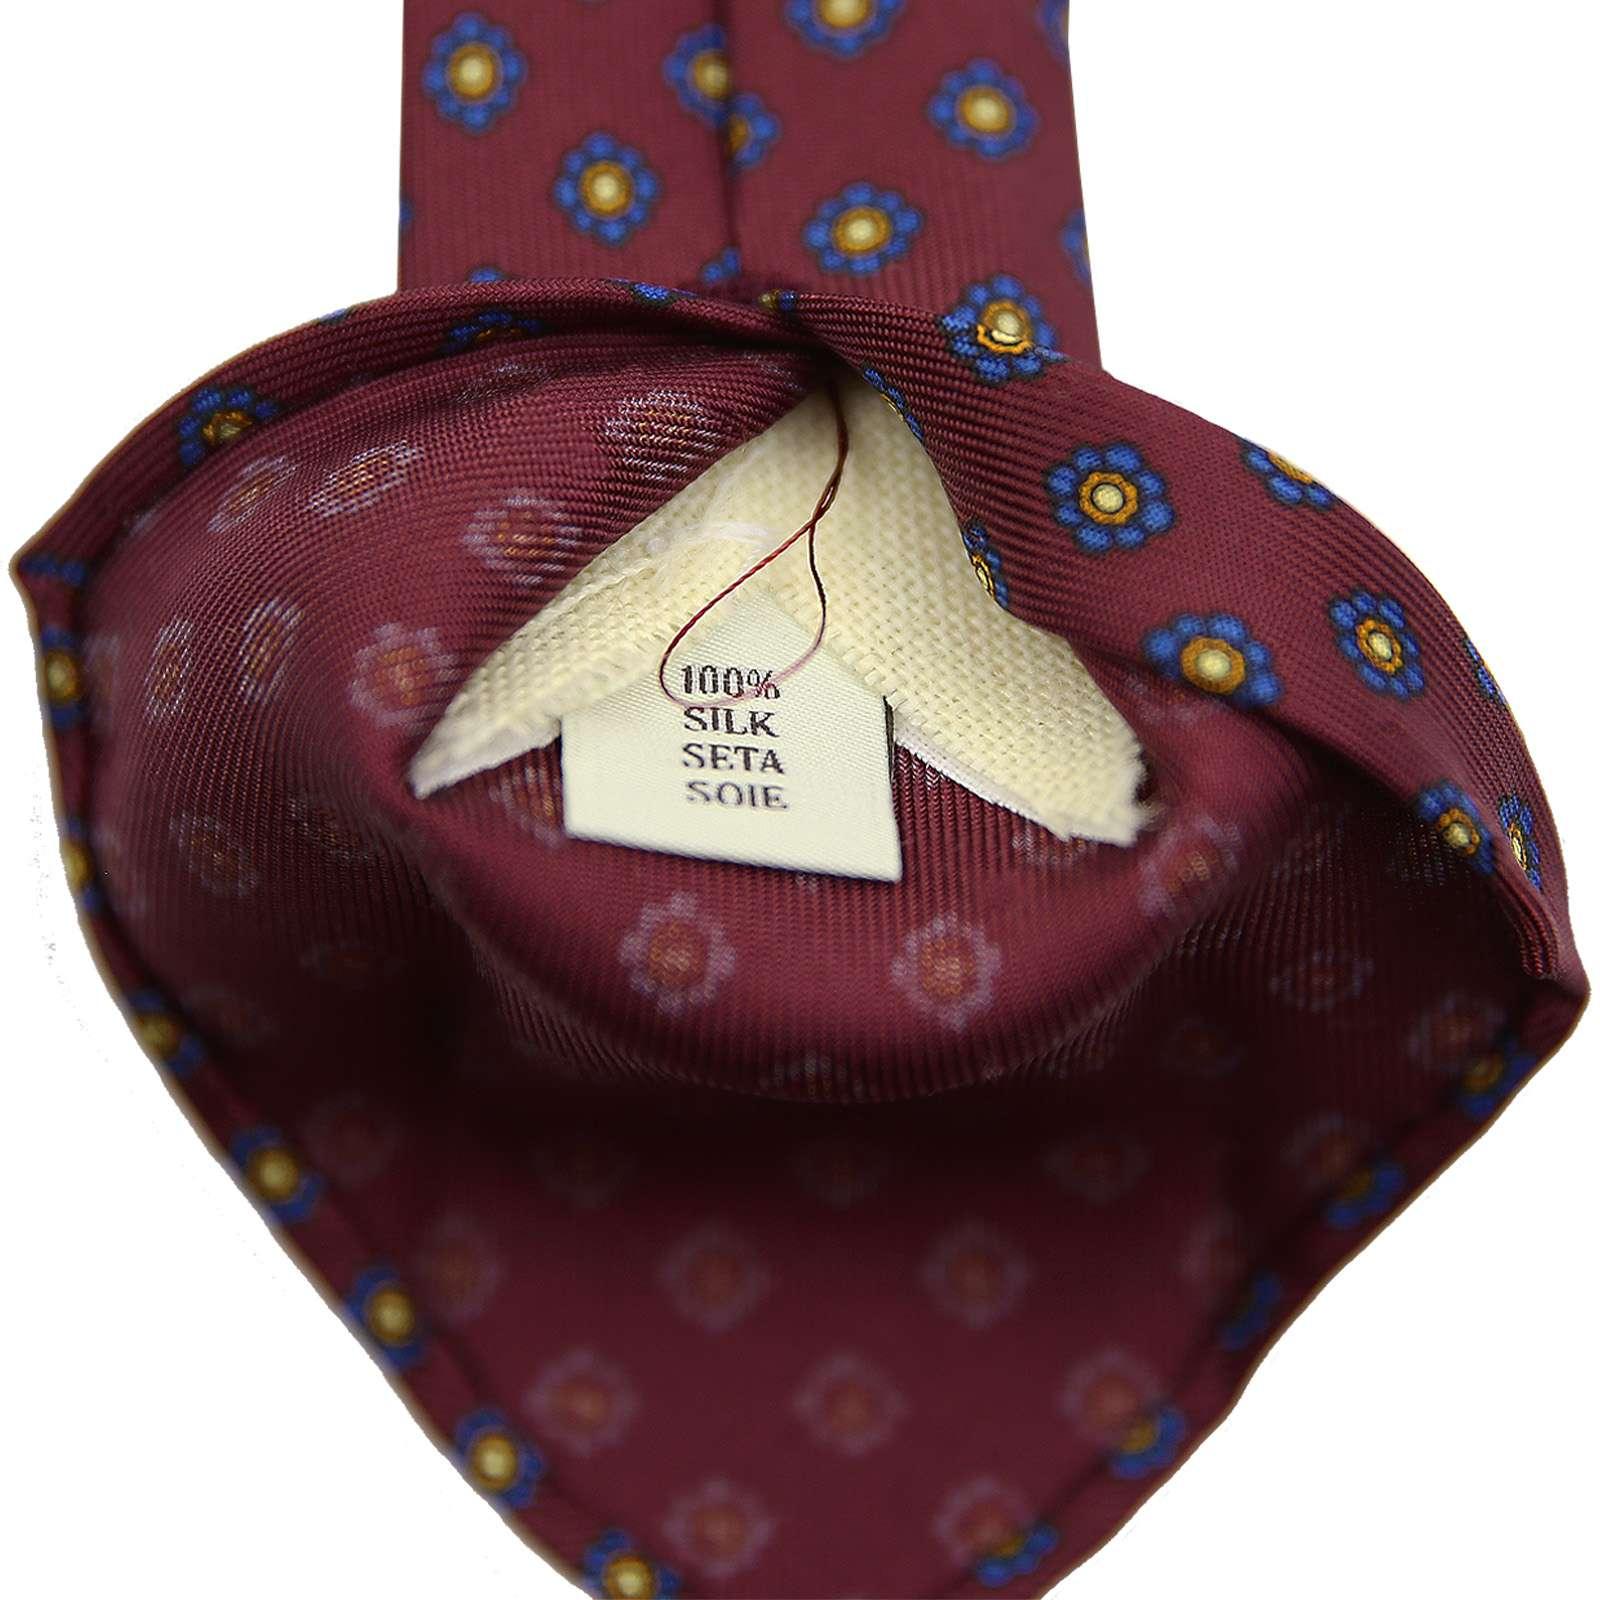 Fil de friction sur une cravate Shibumi Firenze. Notez que le roulottage est également fait main. (Source: Shibumi Firenze)